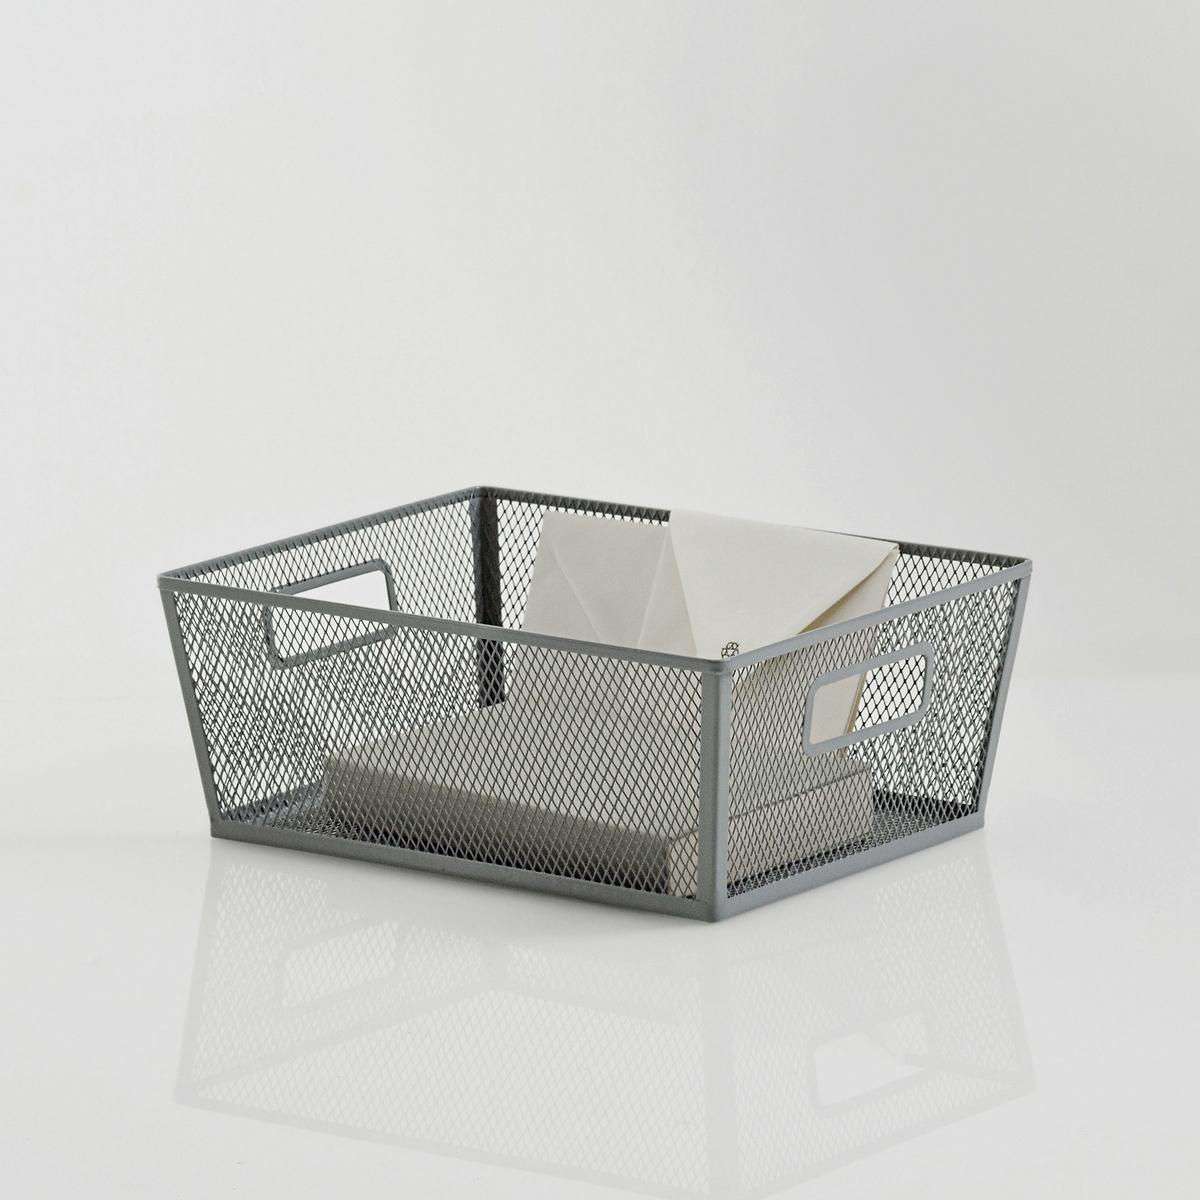 Корзина для хранения из ажурного металла, La Redoute Intеrieurs.Каркас из ажурного металла.2 рукоятки.Размер корзины для хранения из ажурного металла, La Redoute Intеrieurs:Д.36,2 x Г.26,4 x В.14 см.<br><br>Цвет: серый